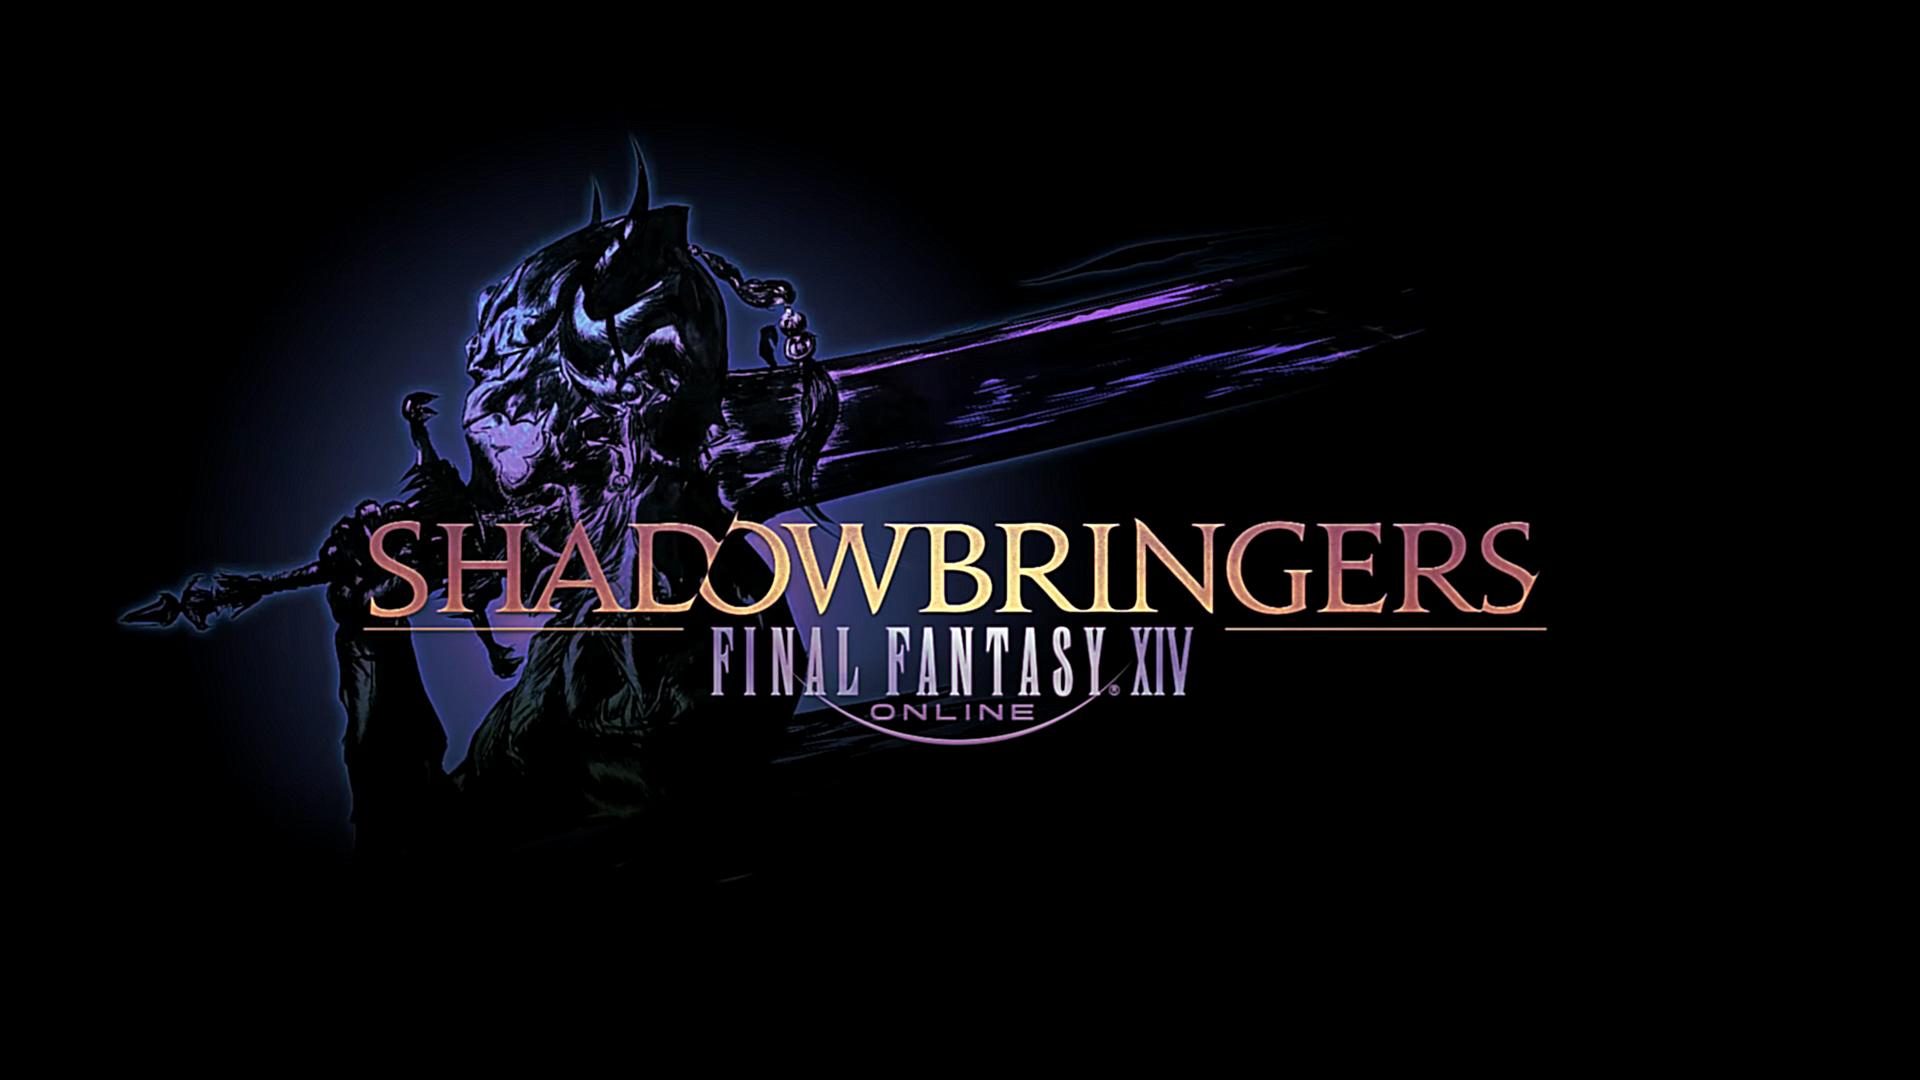 فانتزی در اوج | نقدها و نمرات بستهالحاقی Final Fantasy XIV: Shadowbringers